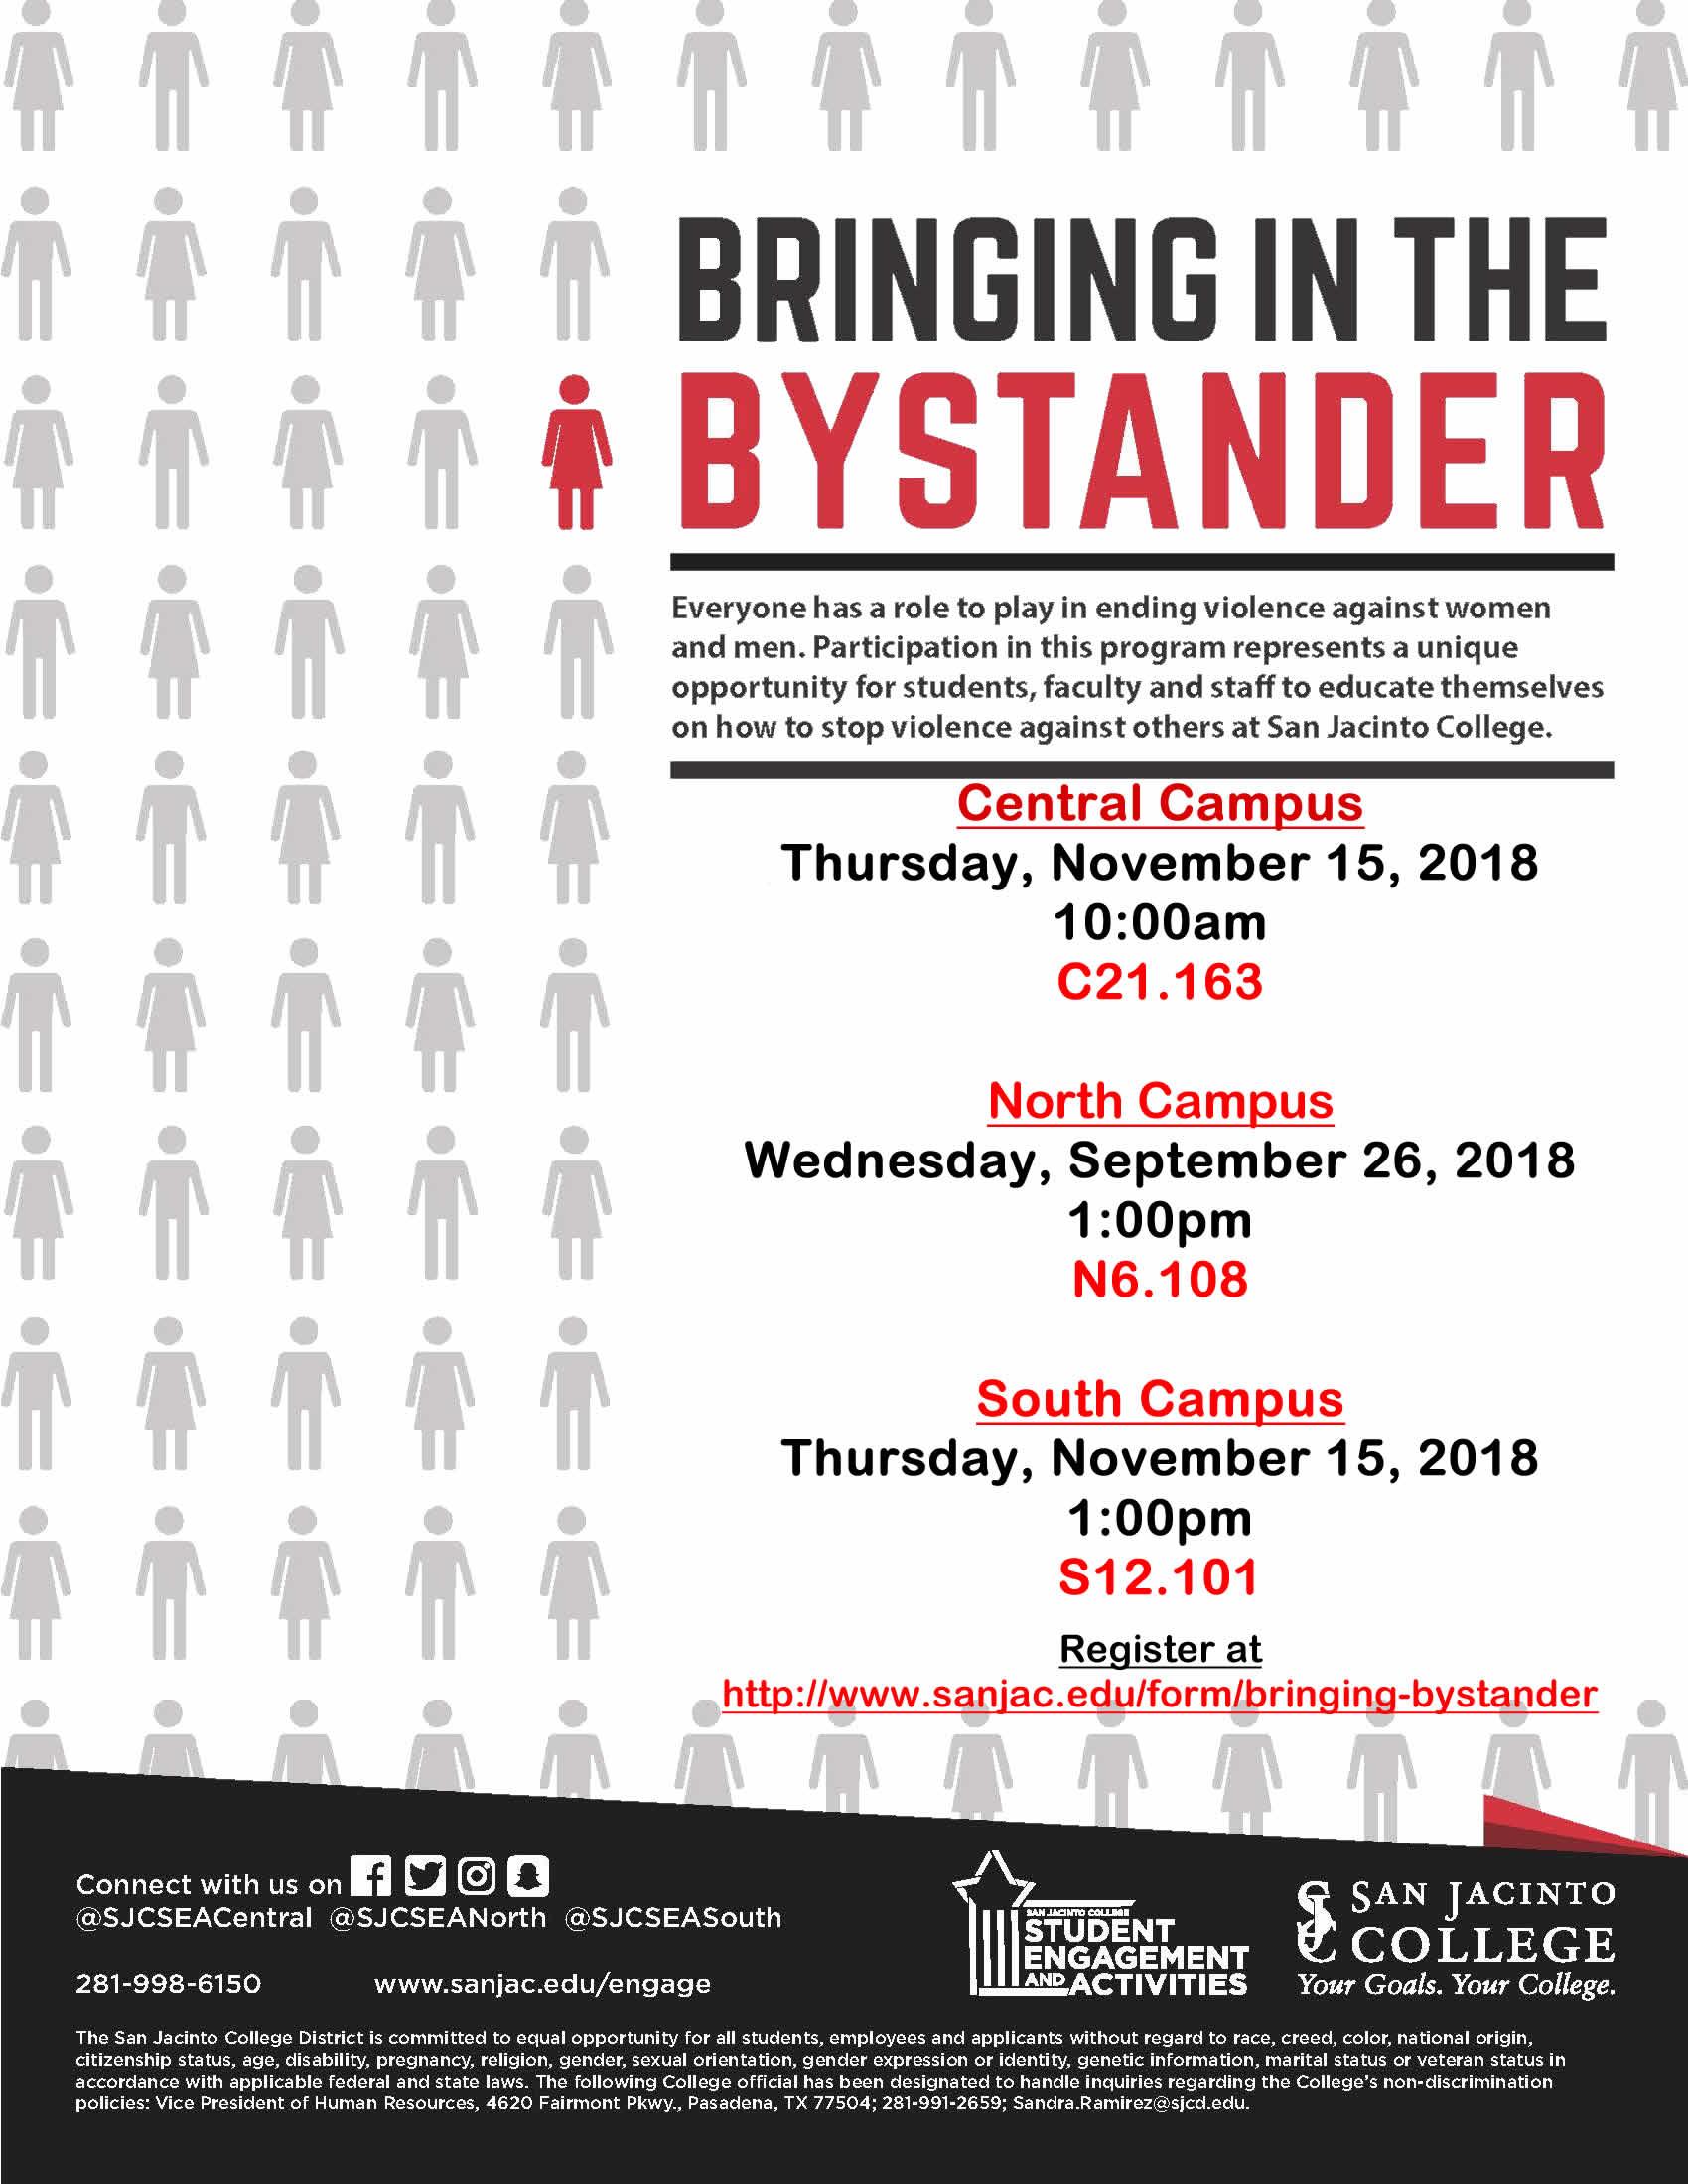 Fall 2018 Bystander Flyer